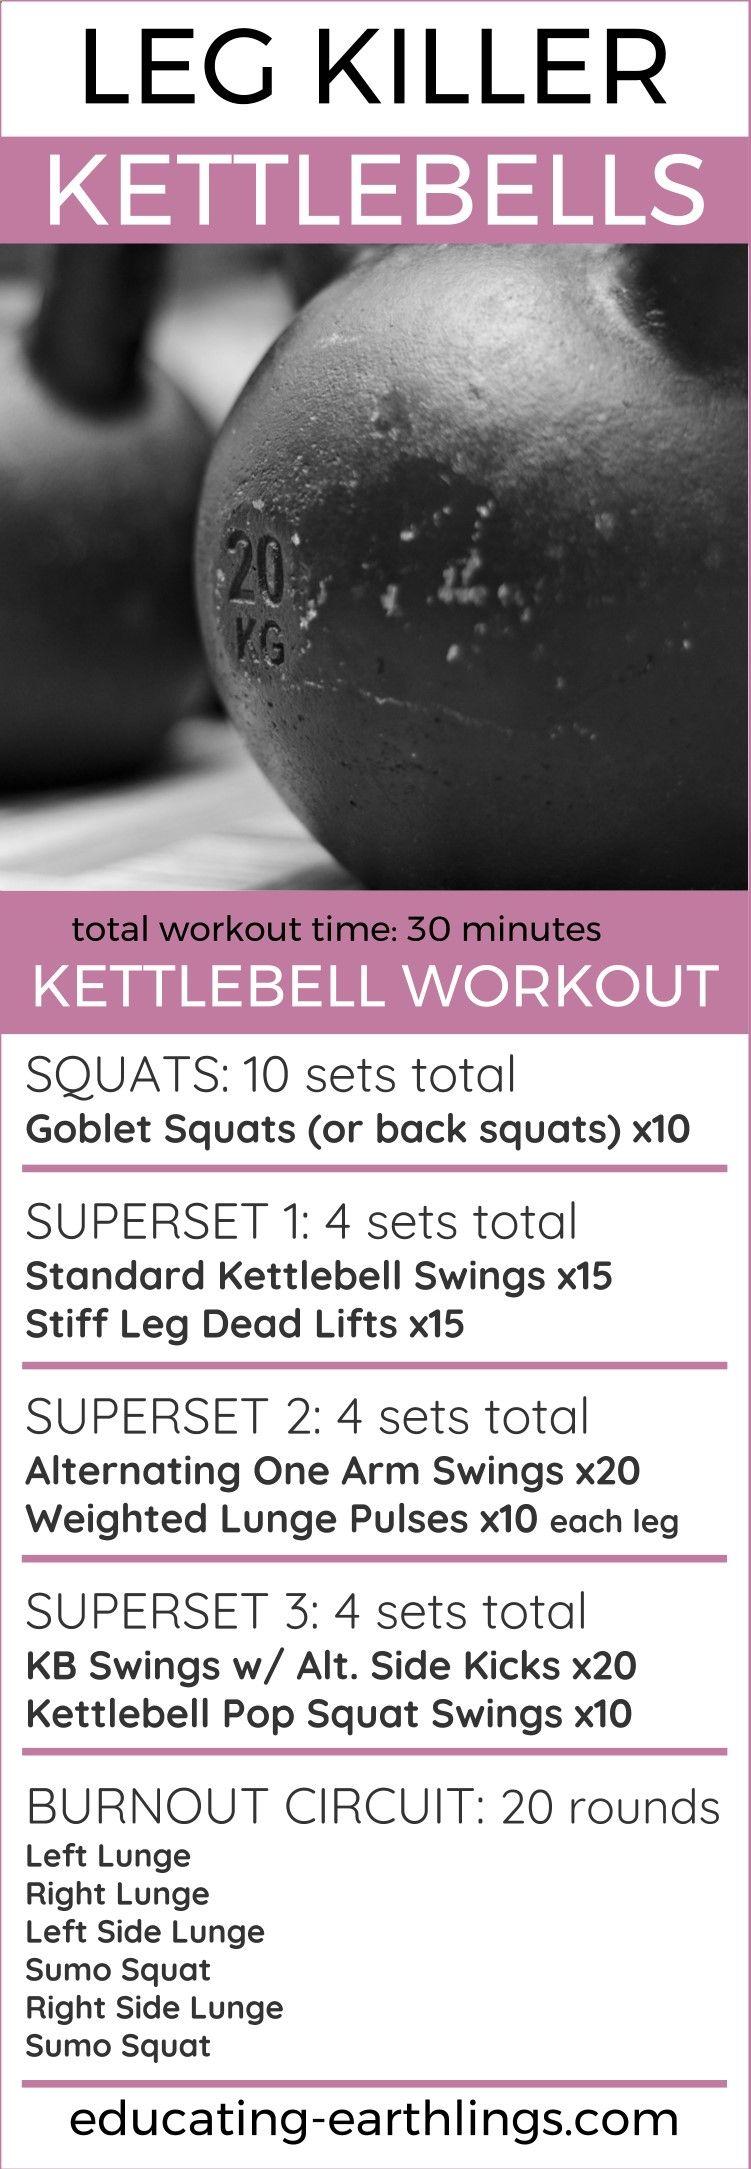 The EFactor Diet  leg killer kettlebell workout leg workout at